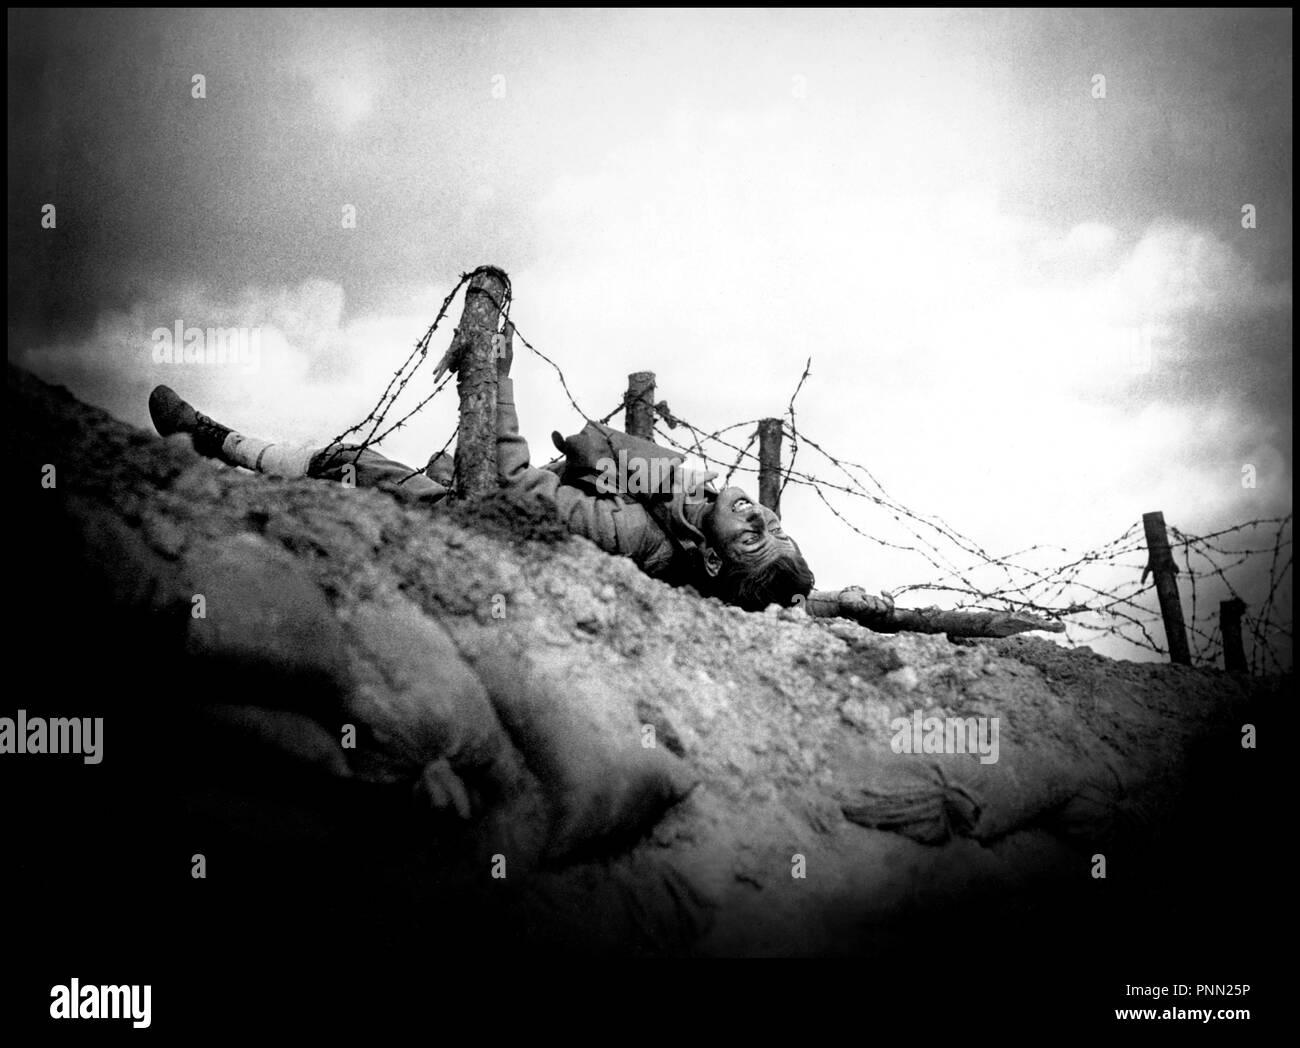 Prod DB © Resco-Filmproduktion / DR NO MAN'S LAND (NIEMANDSLAND) de Victor Trivas 1931 ALL première guerre mondiale, WW 1, anti militariste, plaidoyer, souffrance, tranchées, image forte, soldat mort, mort, cadavre, barbelés, désolation film détruit par les Nazis autre titre: Hell on Earth (USA) - Stock Image